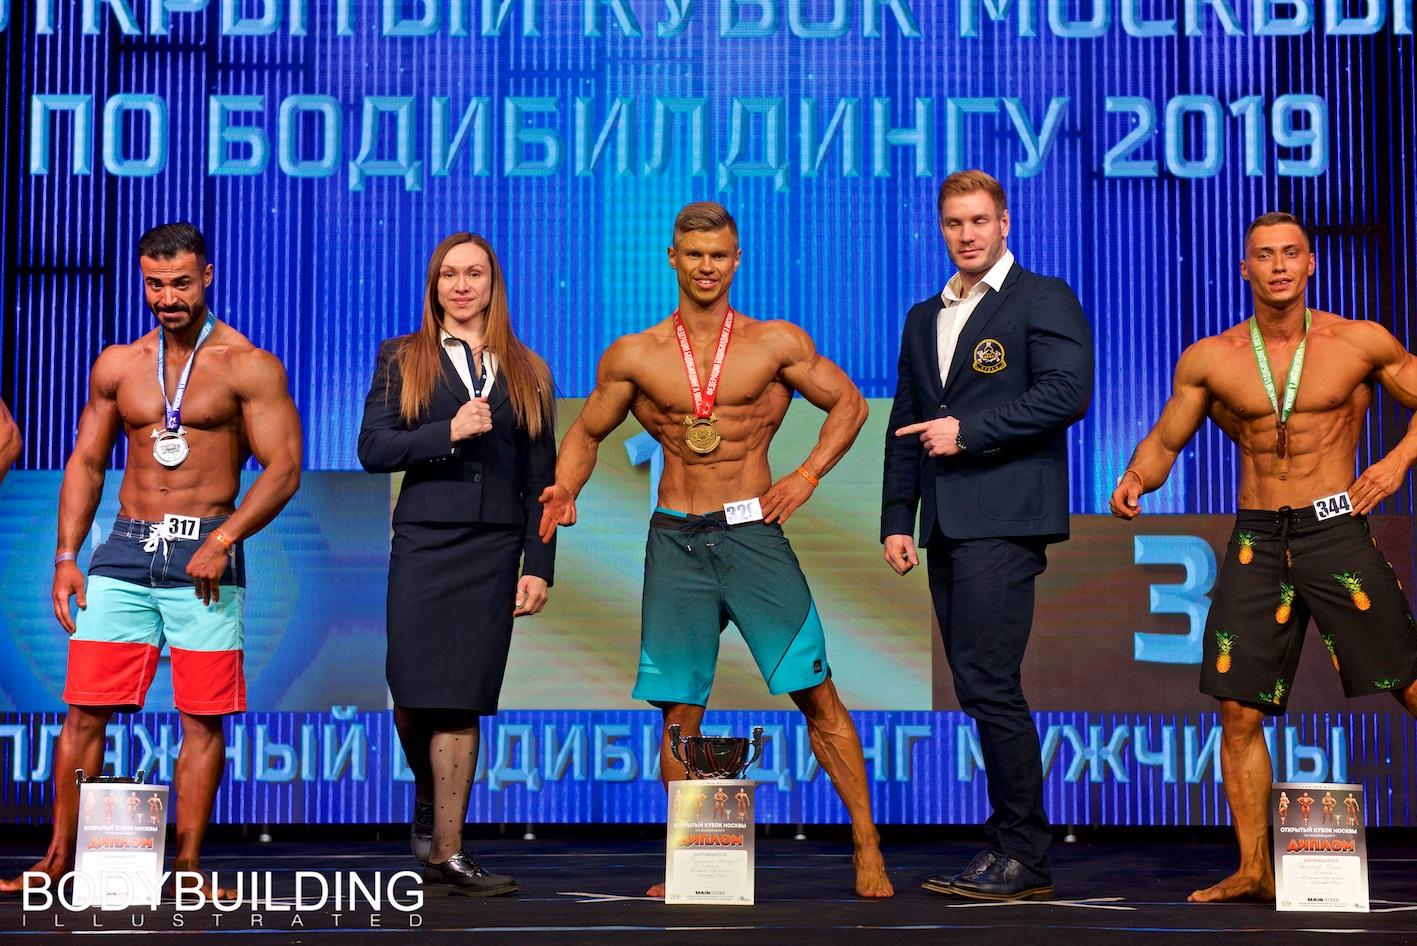 Кубок Москвы по бодибилдингу 2019 Пляжный бодибилдинг 178см